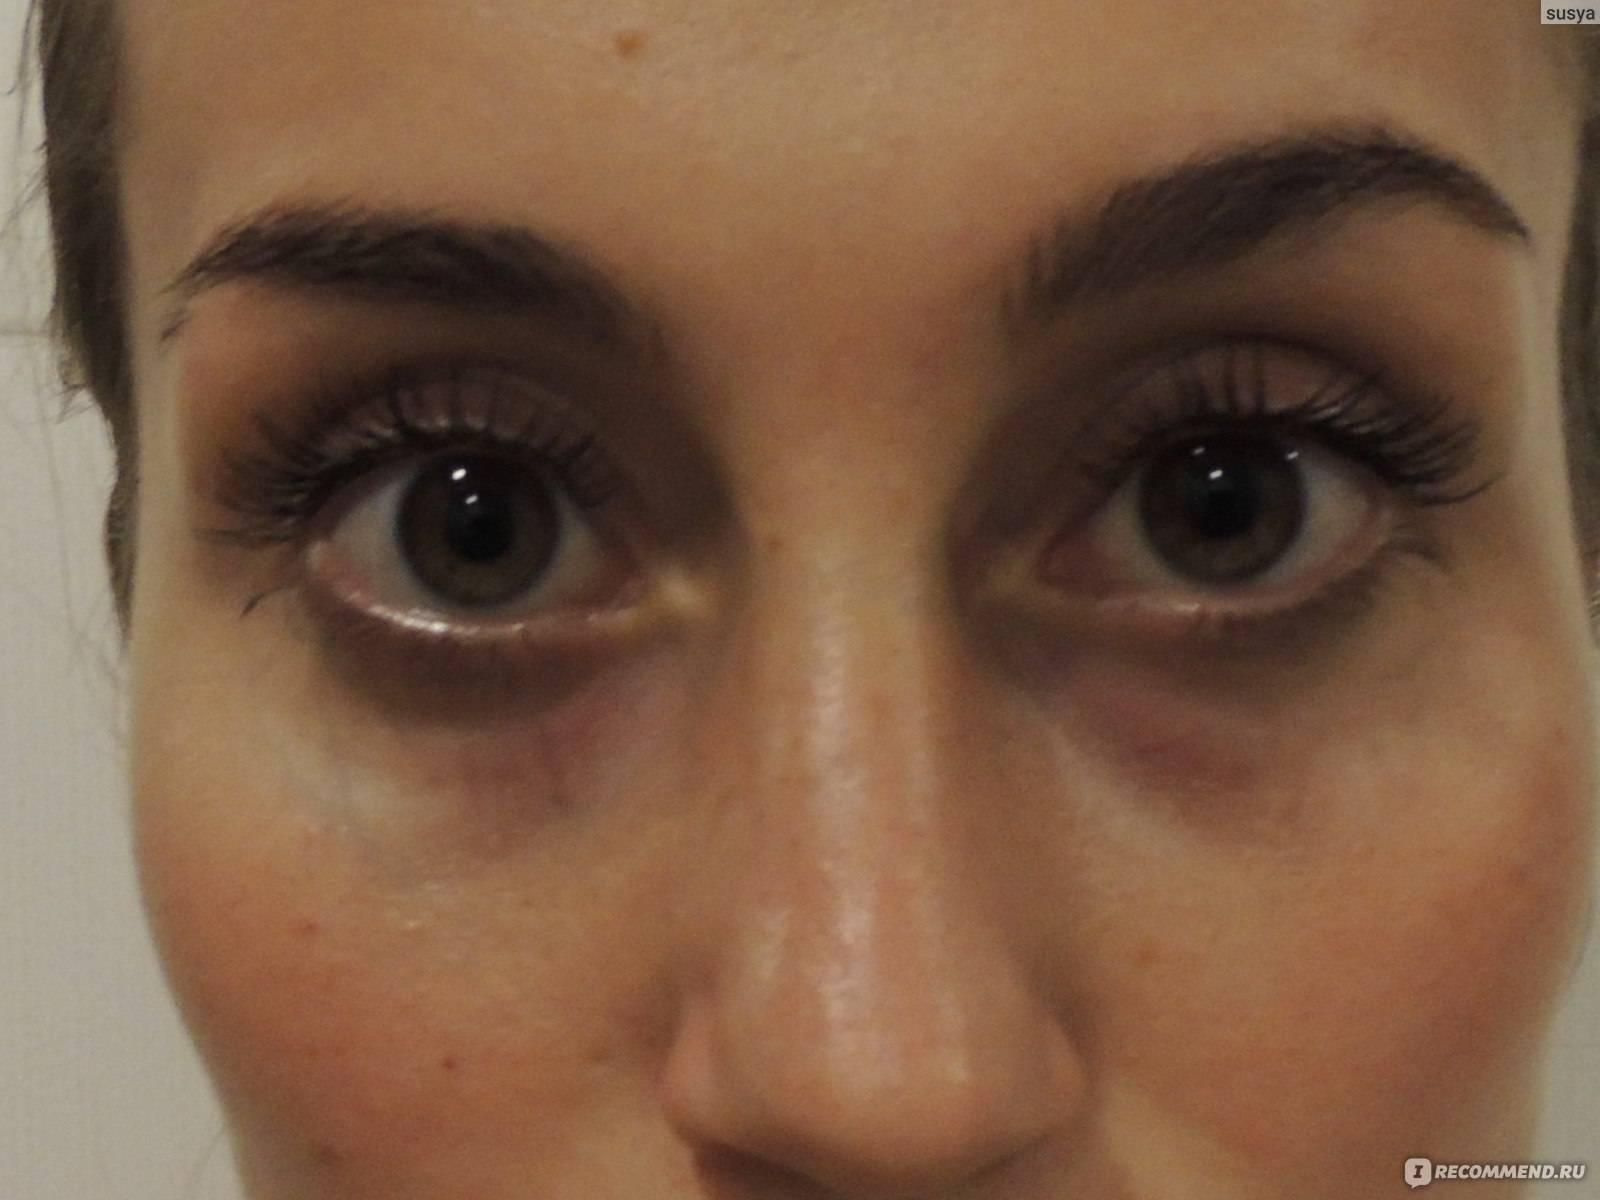 Как убрать синяки и мешки под глазами в домашних условиях: убираем следы от недосыпания и удара